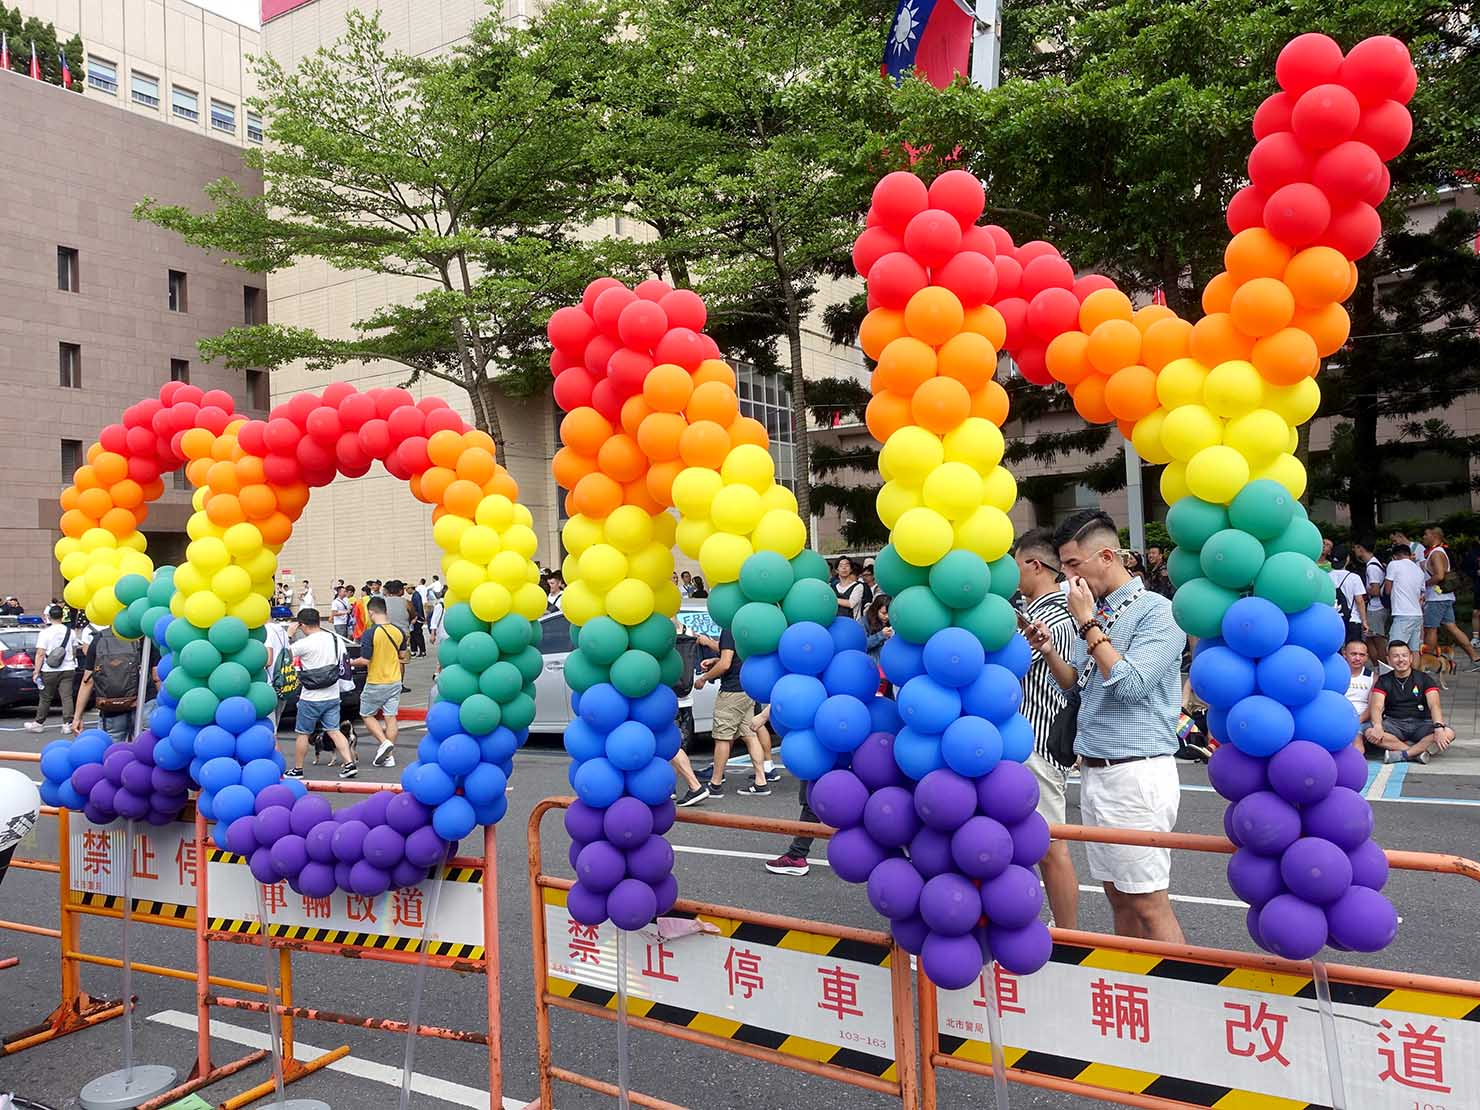 台灣同志遊行(台湾LGBTプライド)2019の会場に登場したSONYのレインボーバルーン